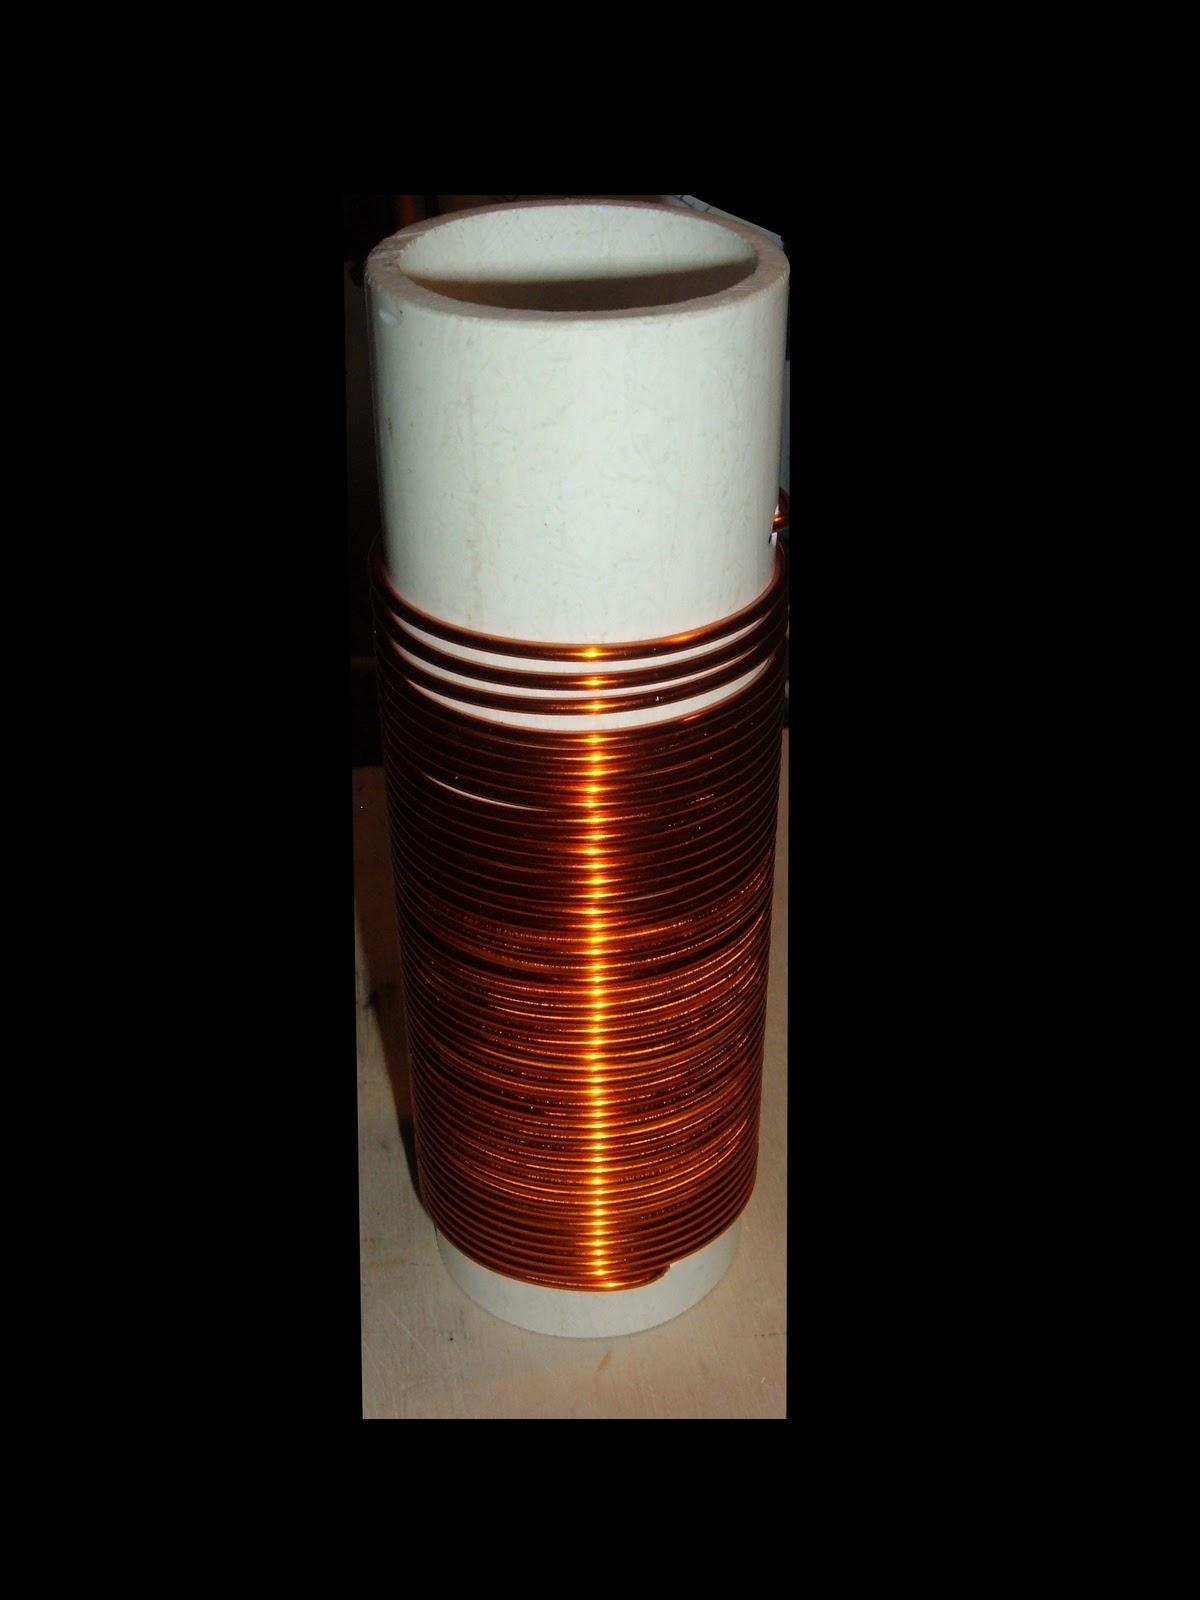 Der Bastelbunker - Die Basteldoku: HF-Luftspule/Induktorspule/Spule ...